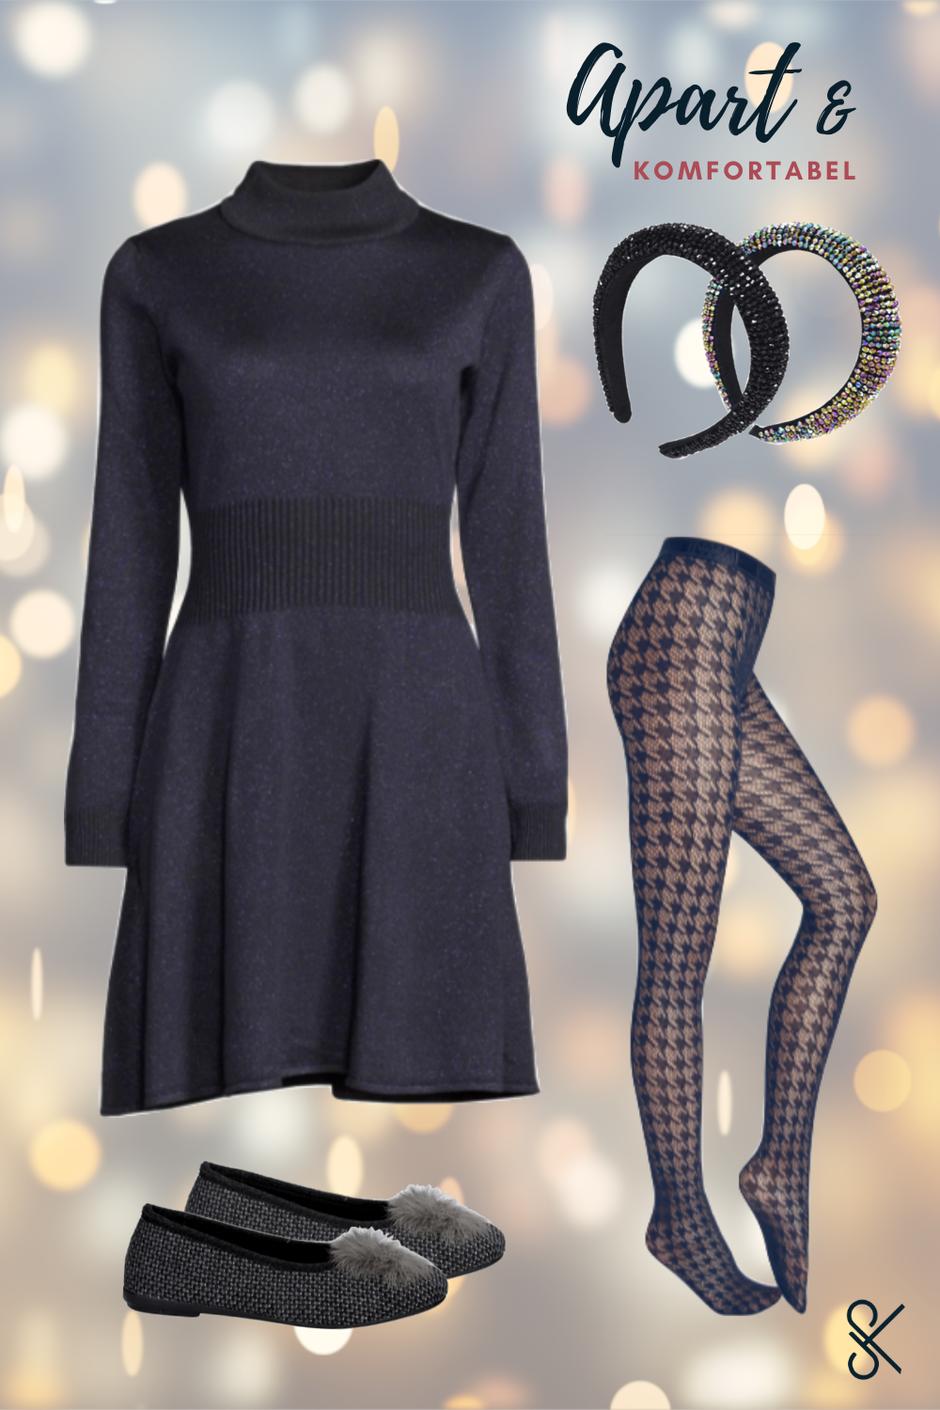 Festliches Kleid für Weihnachts-Outfit